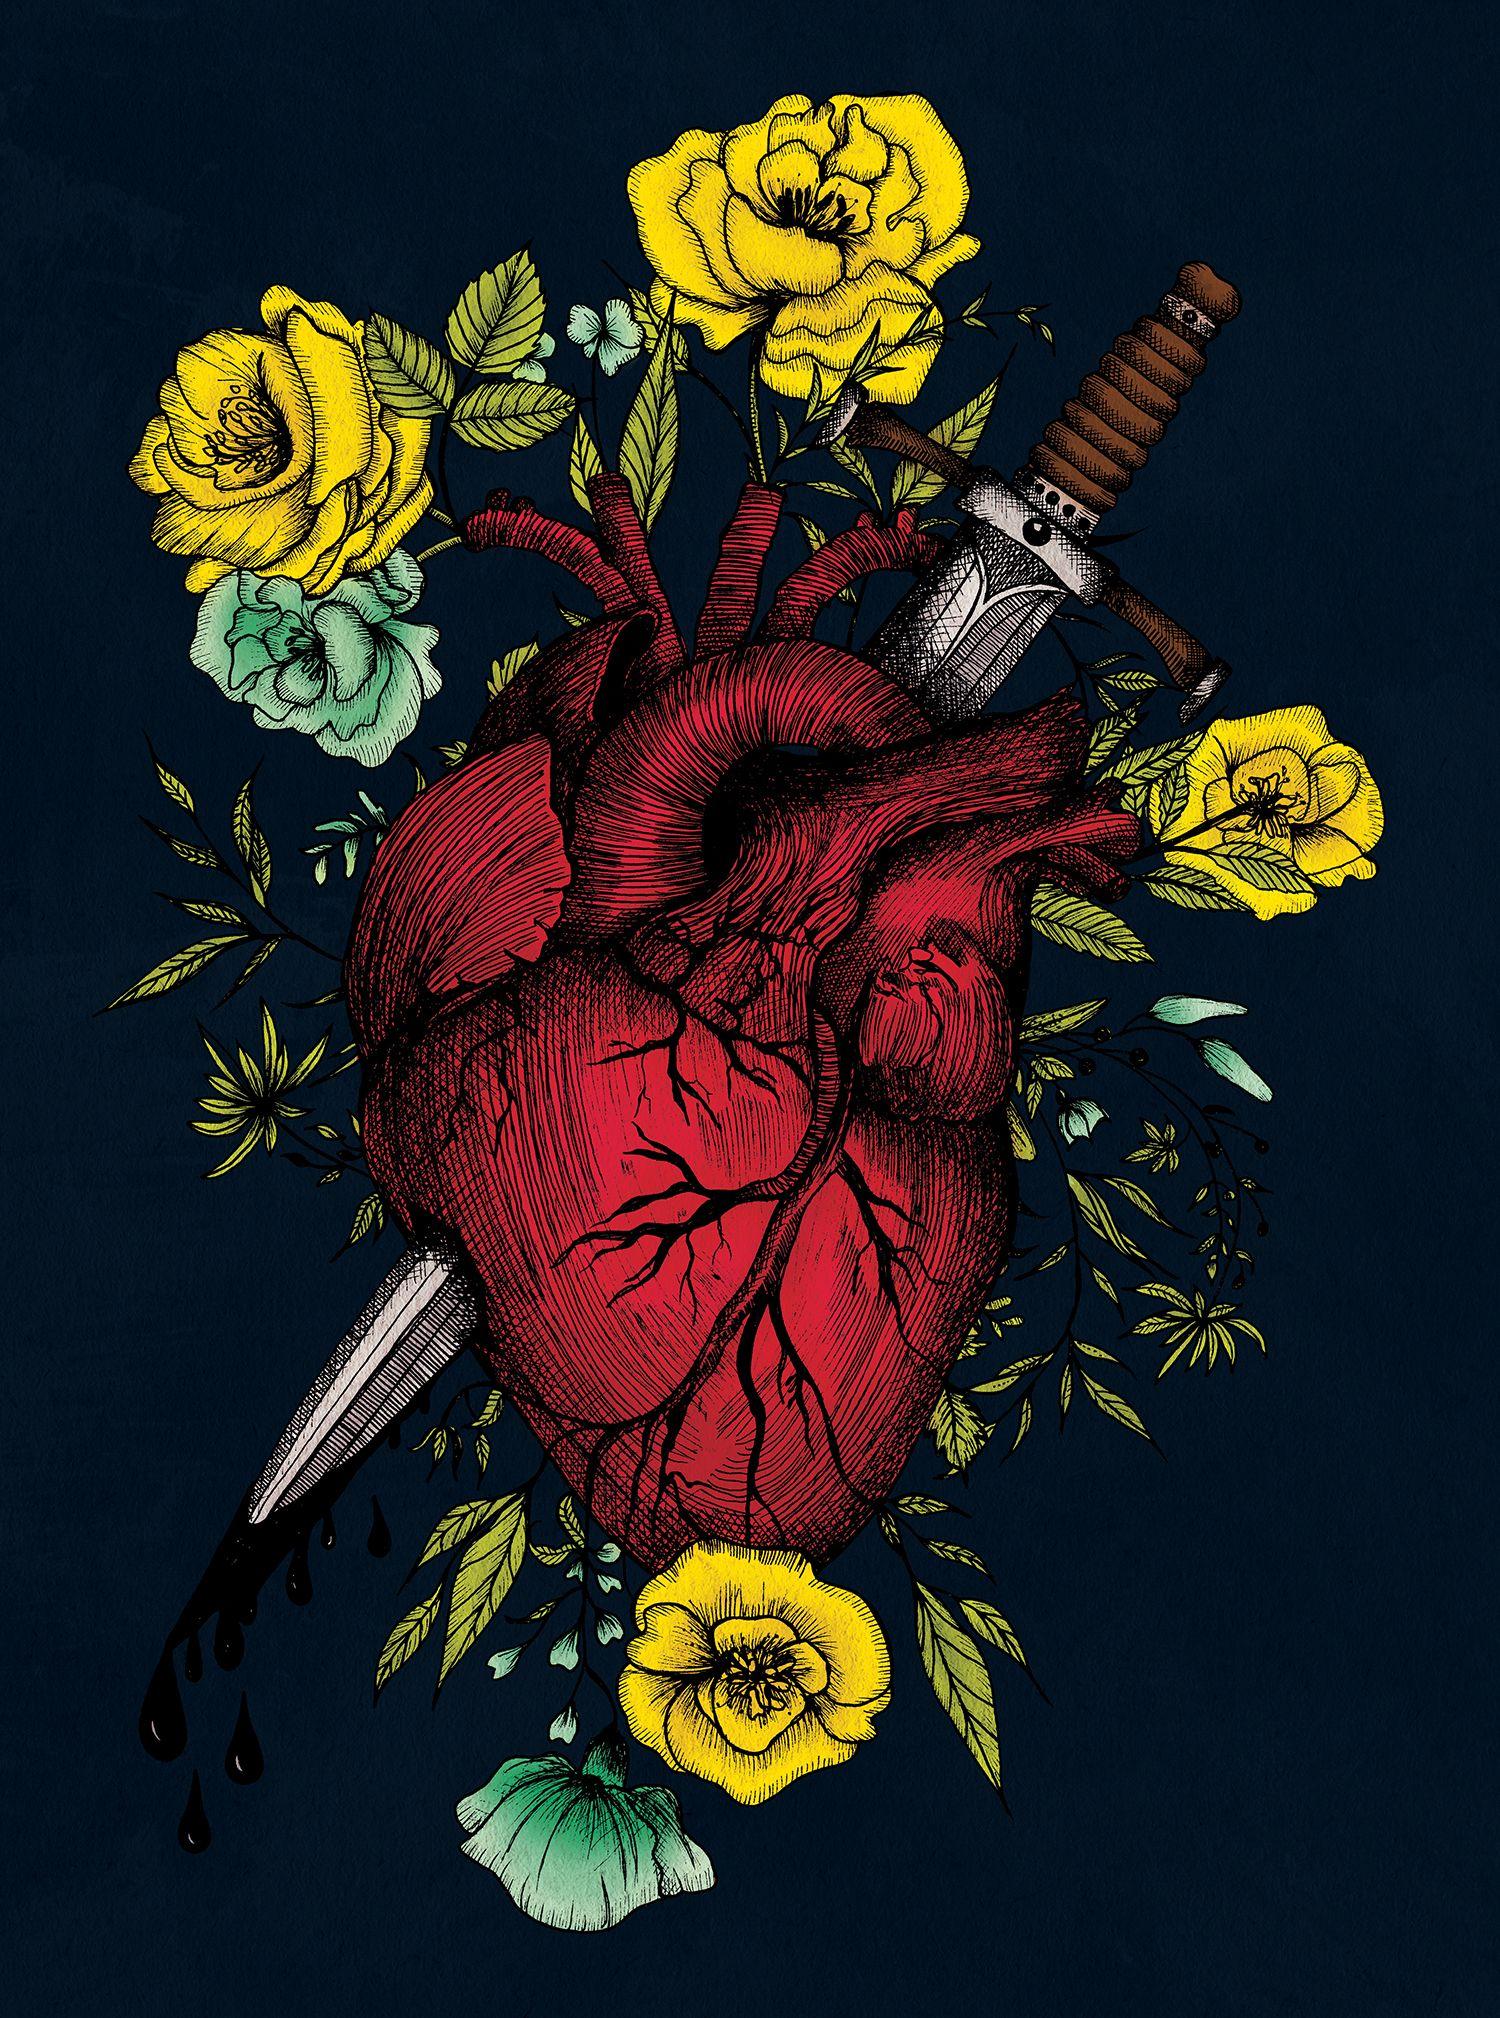 Bleeding Anatomical Heart Art Print Heart And Dagger Etsy Heart Art Print Anatomical Heart Art Heart Art